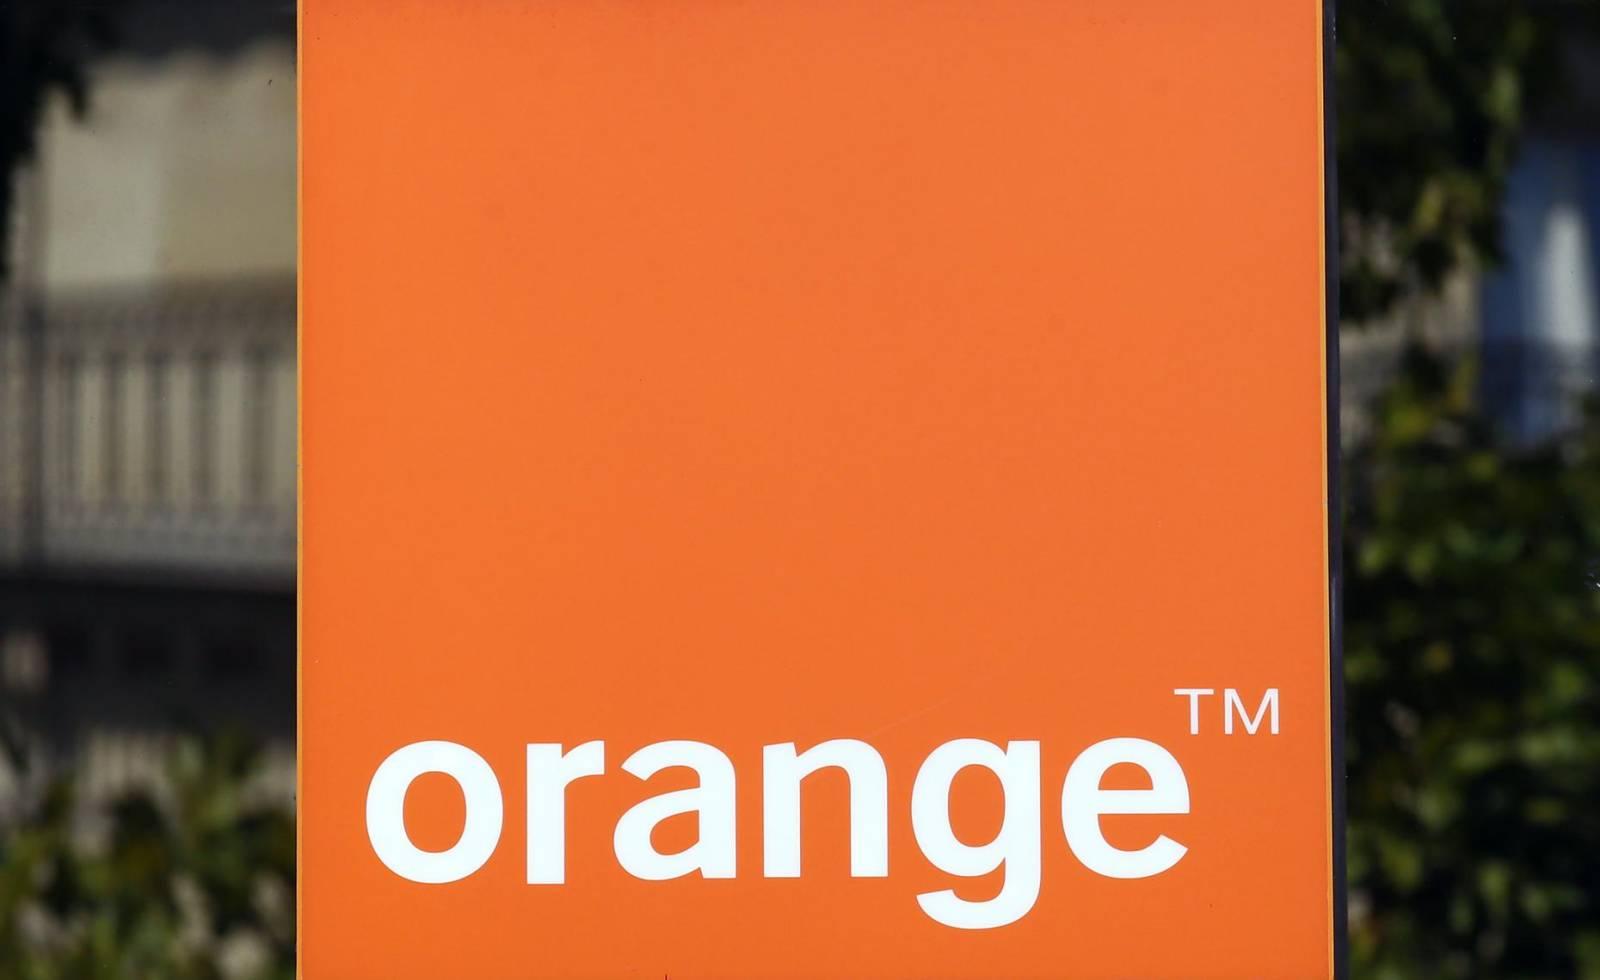 Orange 2 Noiembrie Telefoanele Preturi bune 390852